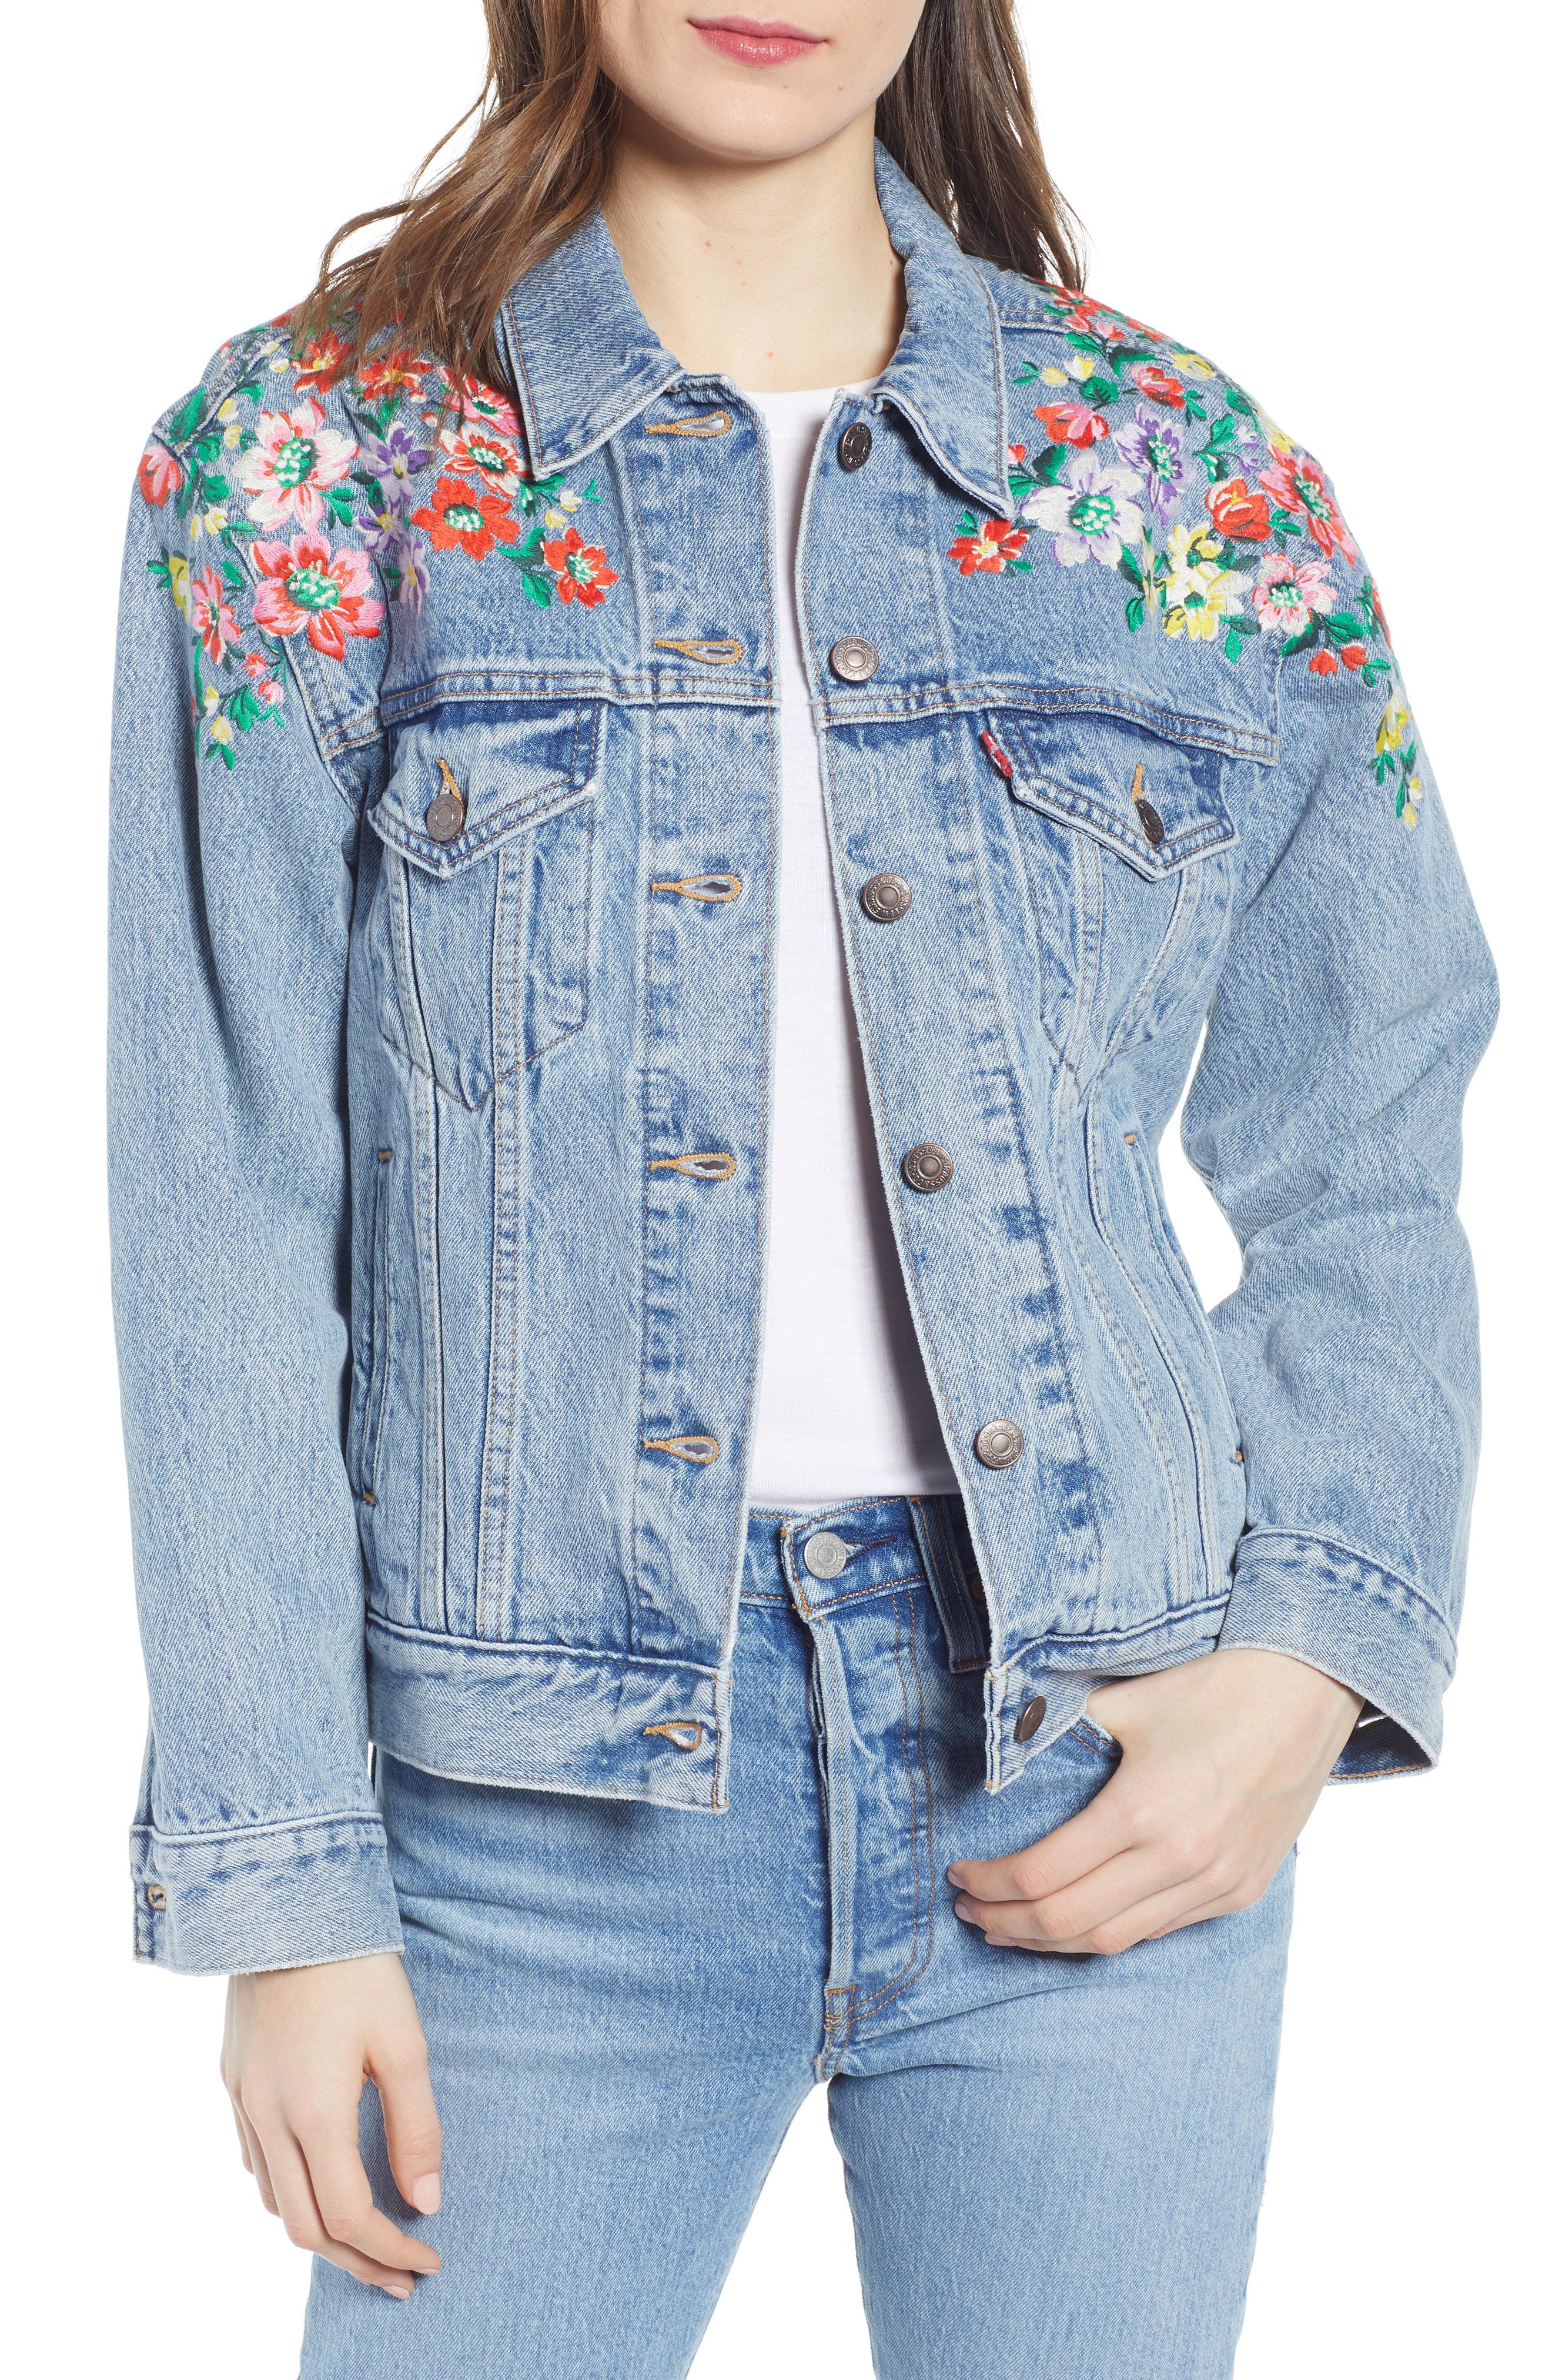 987c60b018 Levi's Ex-Boyfriend Embroidered Denim Trucker Jacket In Hearts Of Flowers